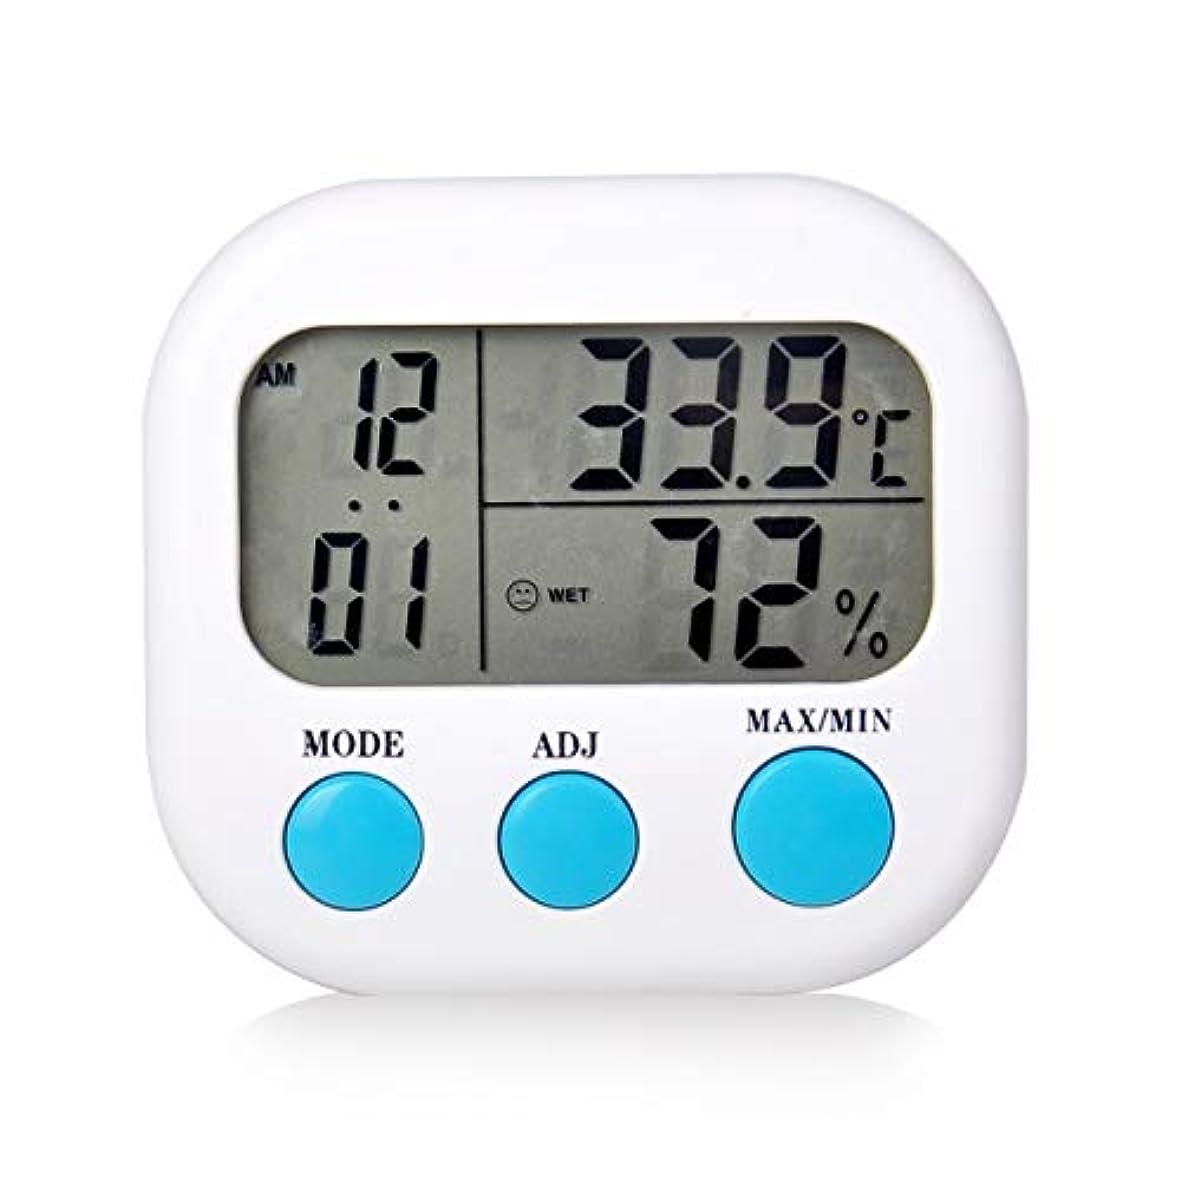 村魅力的であることへのアピール泣いているSaikogoods 電子体温計湿度計 デジタルディスプレイ 温度湿度モニター アラーム時計 屋内家庭用 白